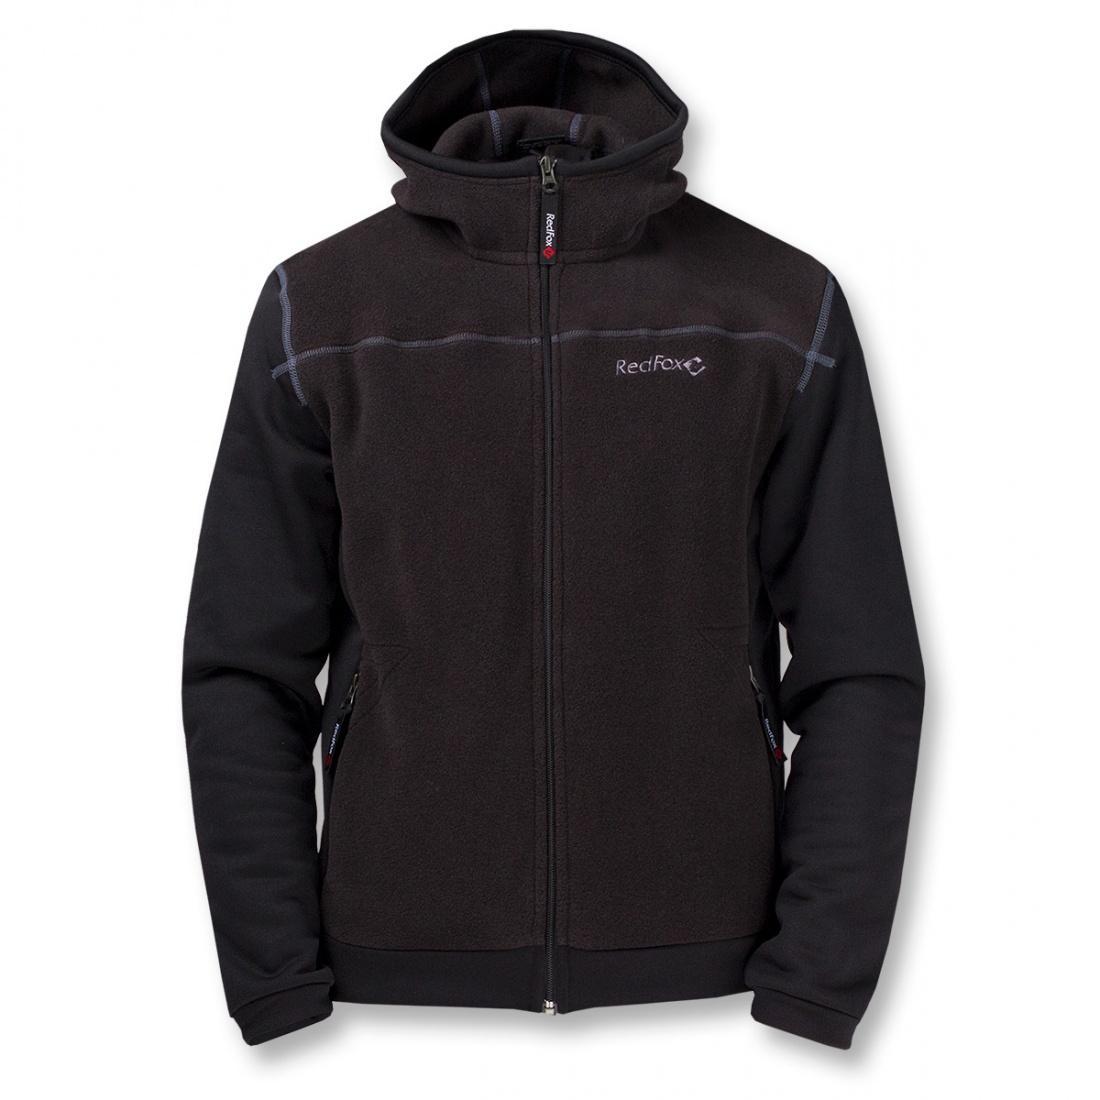 Куртка Dream МужскаяКуртки<br><br> Городская теплая куртка, выполненная из комбинацииматериалов Polartec® 200 и Polartec® Power Stretch®Pro™. Можно использовать в качестве наружной ку...<br><br>Цвет: Черный<br>Размер: 56